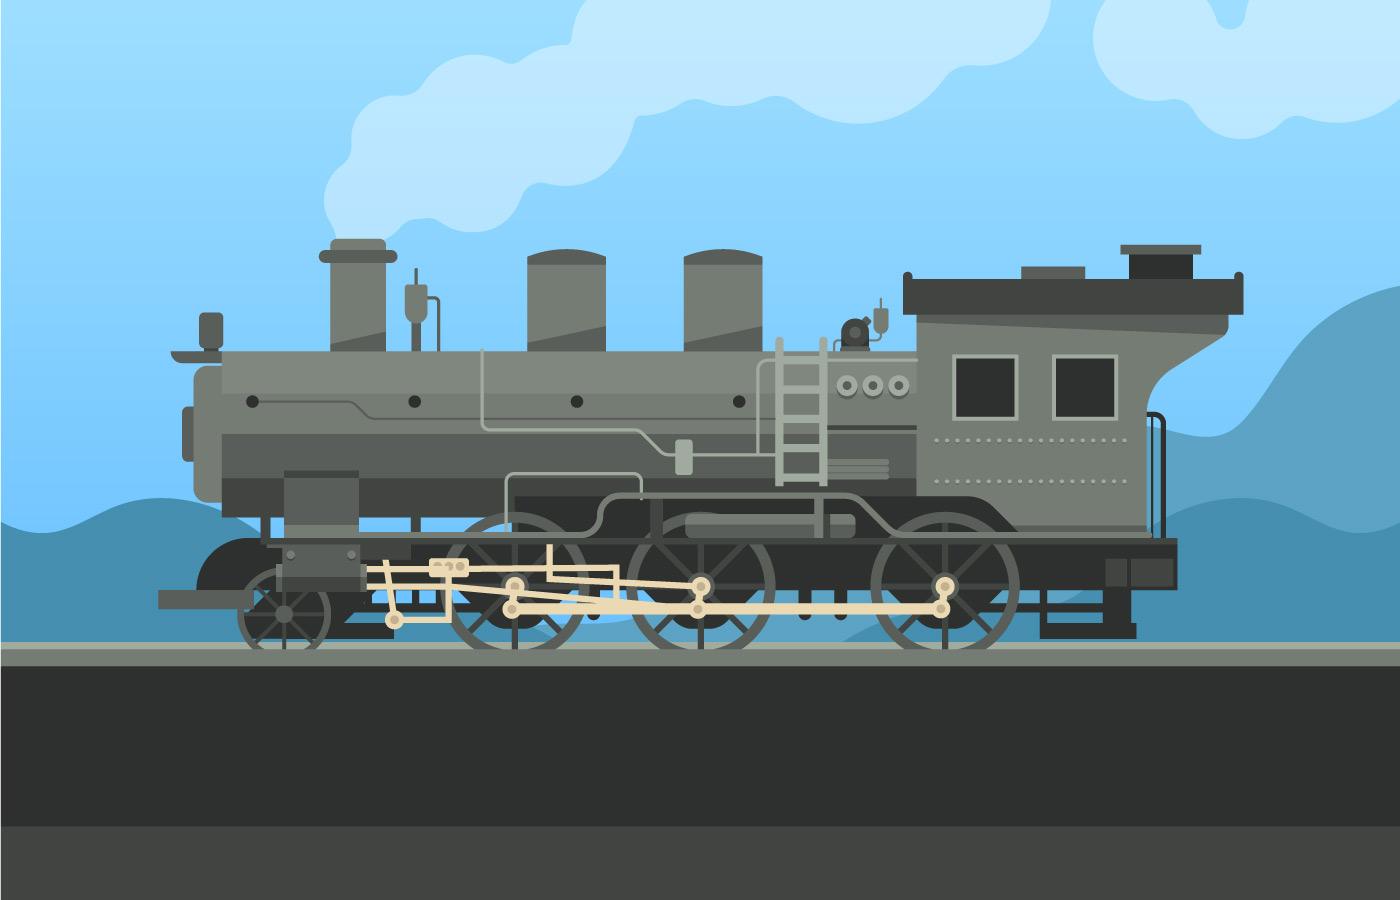 火車圖片 免費下載 | 天天瘋後製